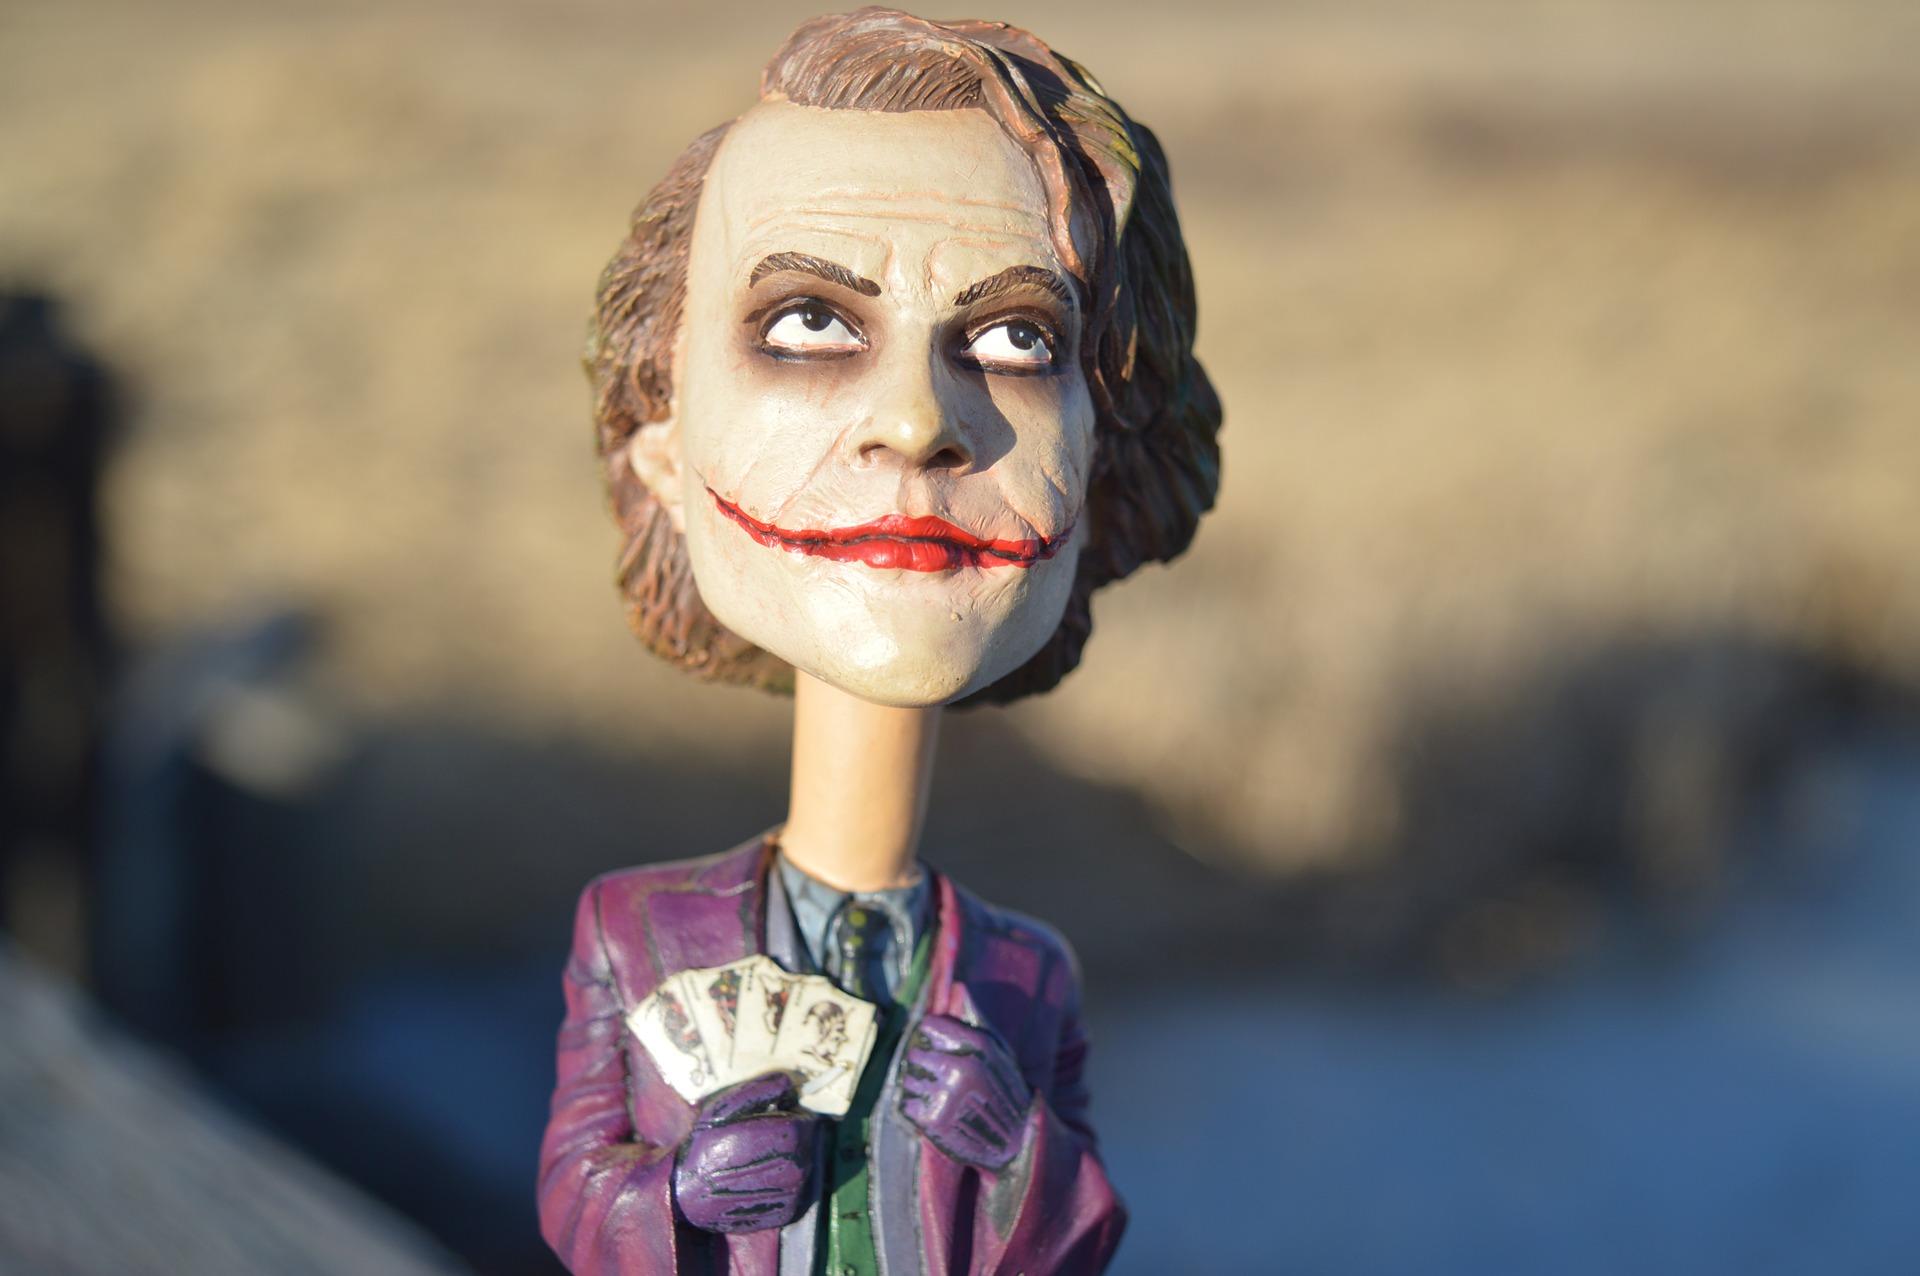 The Joker: un malware aussi malicieux que furtif a infecté près de 500 000 utilisateurs sur le Play Store